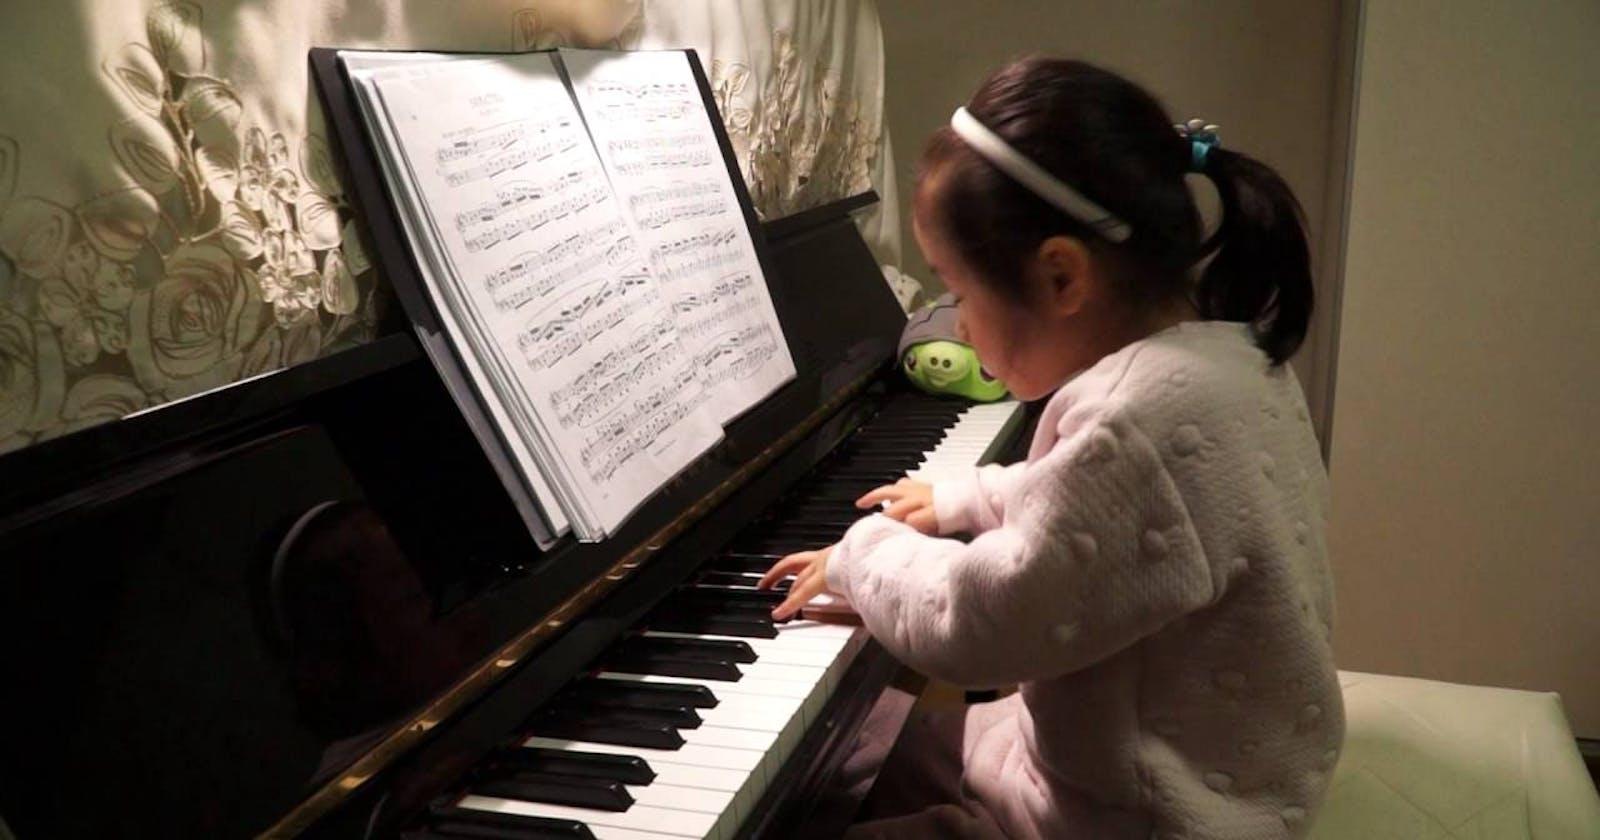 Müzik ve Enstrüman Eğitimine Hangi Yaşlarda Başlanmalı?